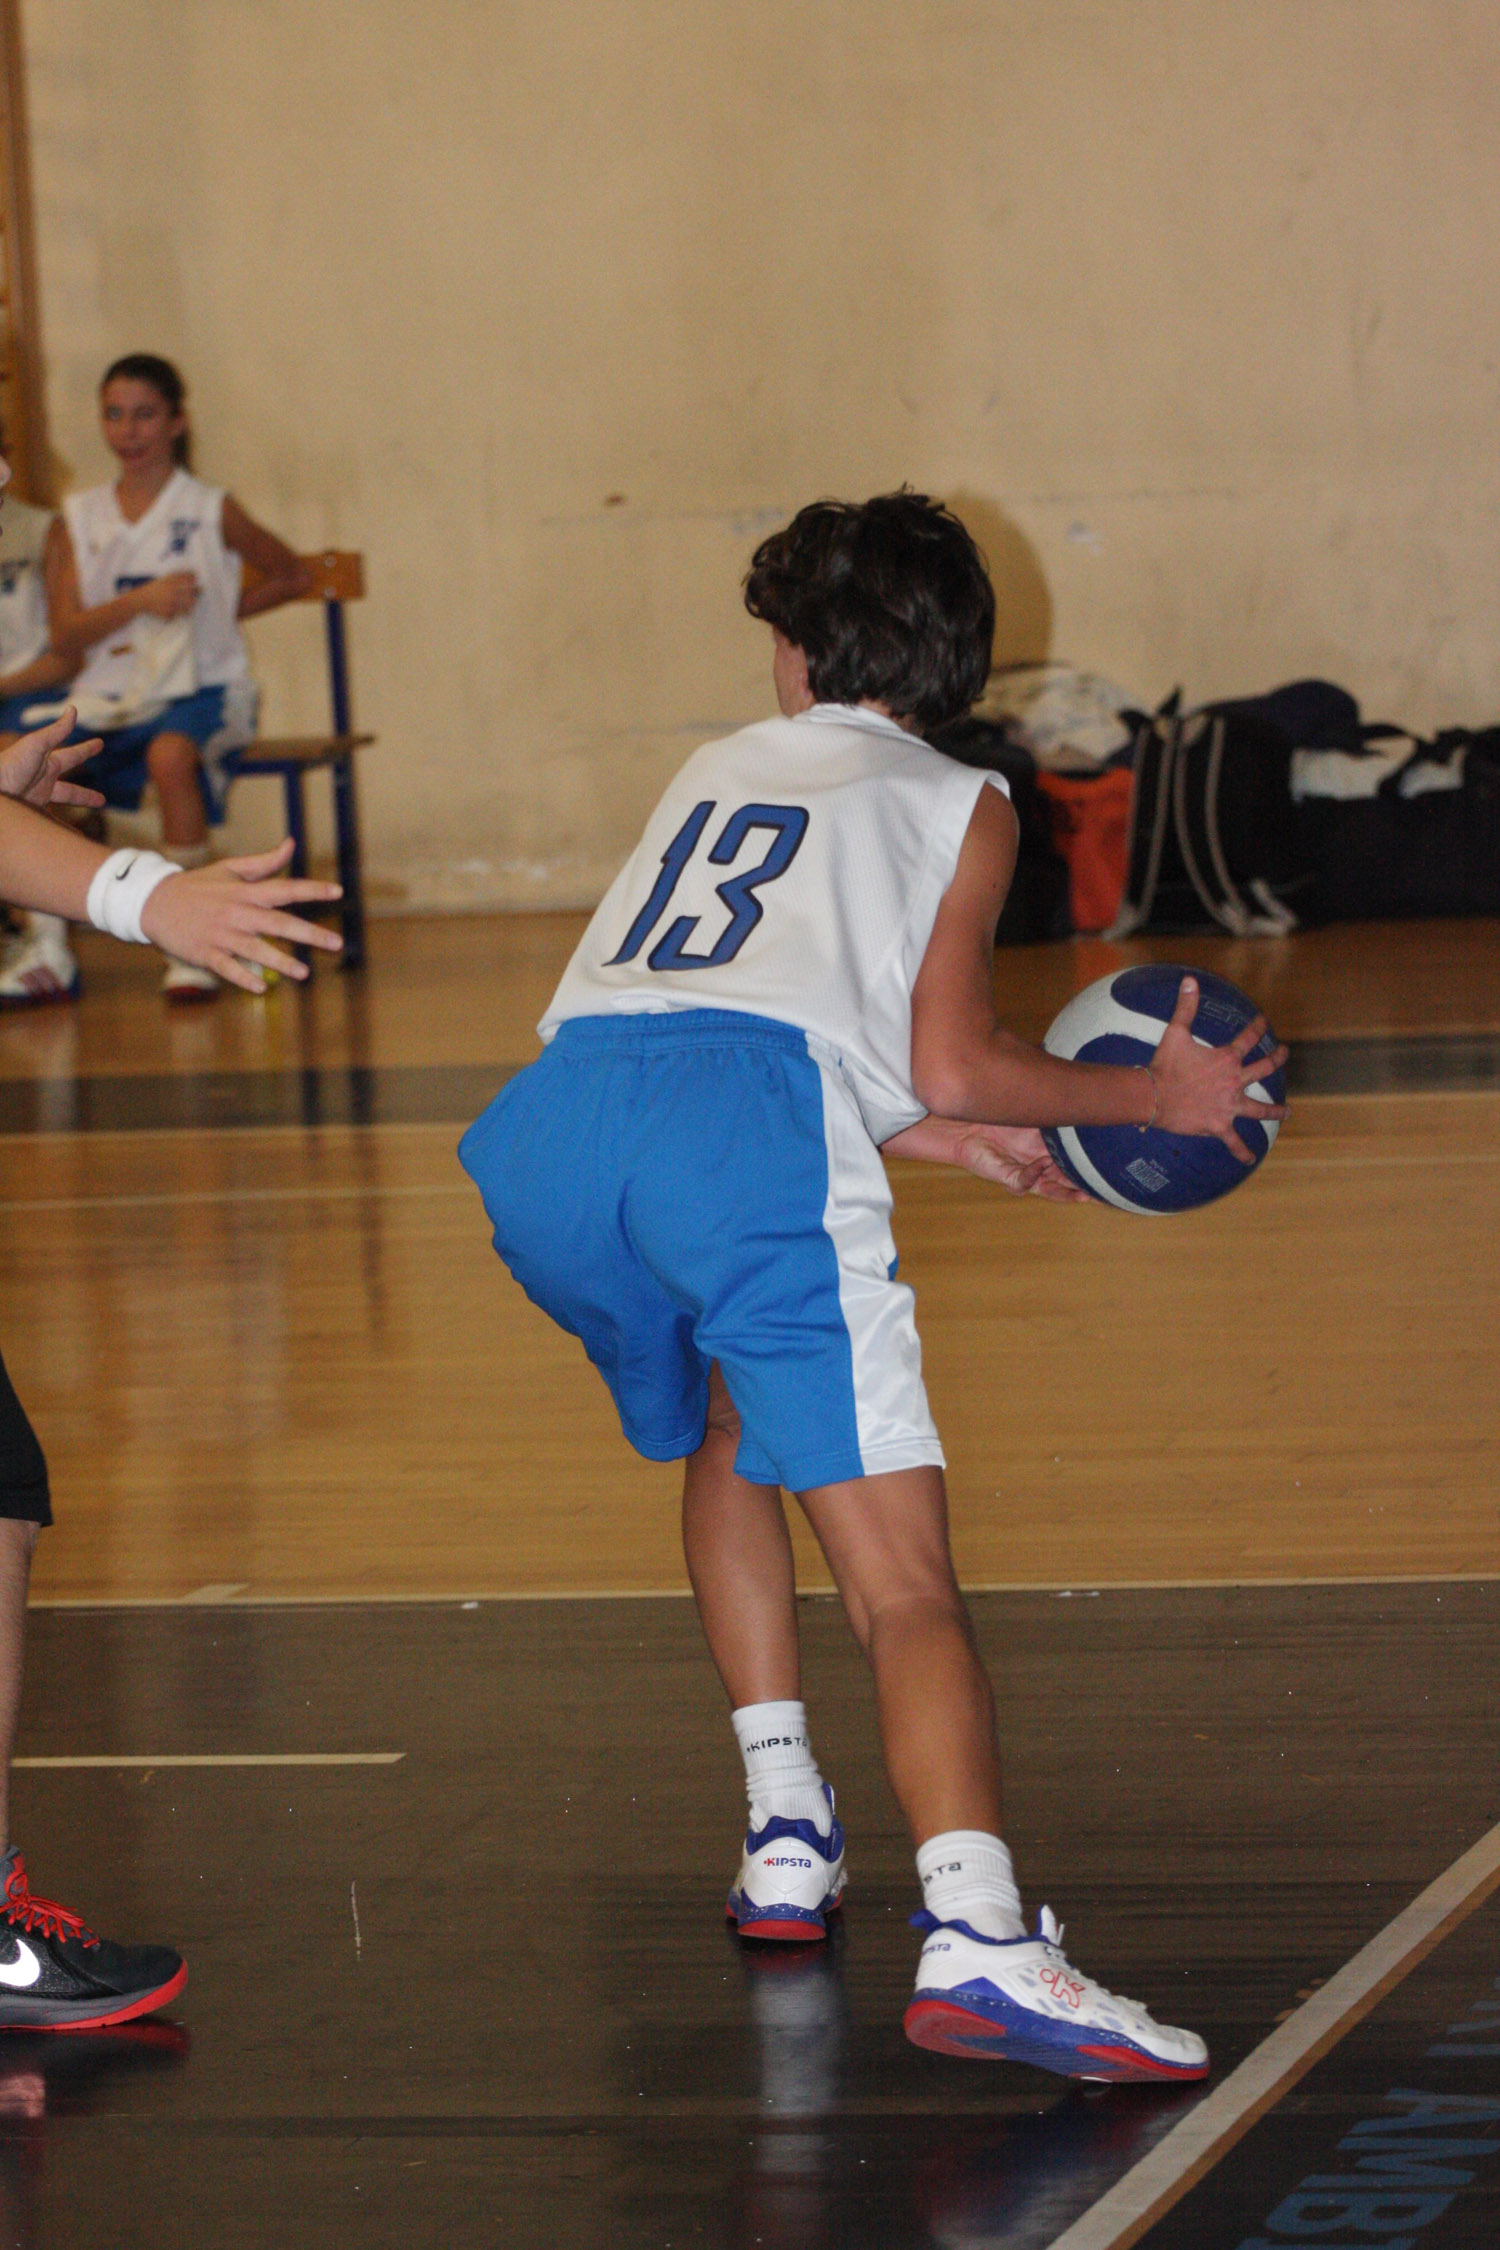 U13 - Baskettiamo Vittuone vs Carroccio Legnano 00018.jpg